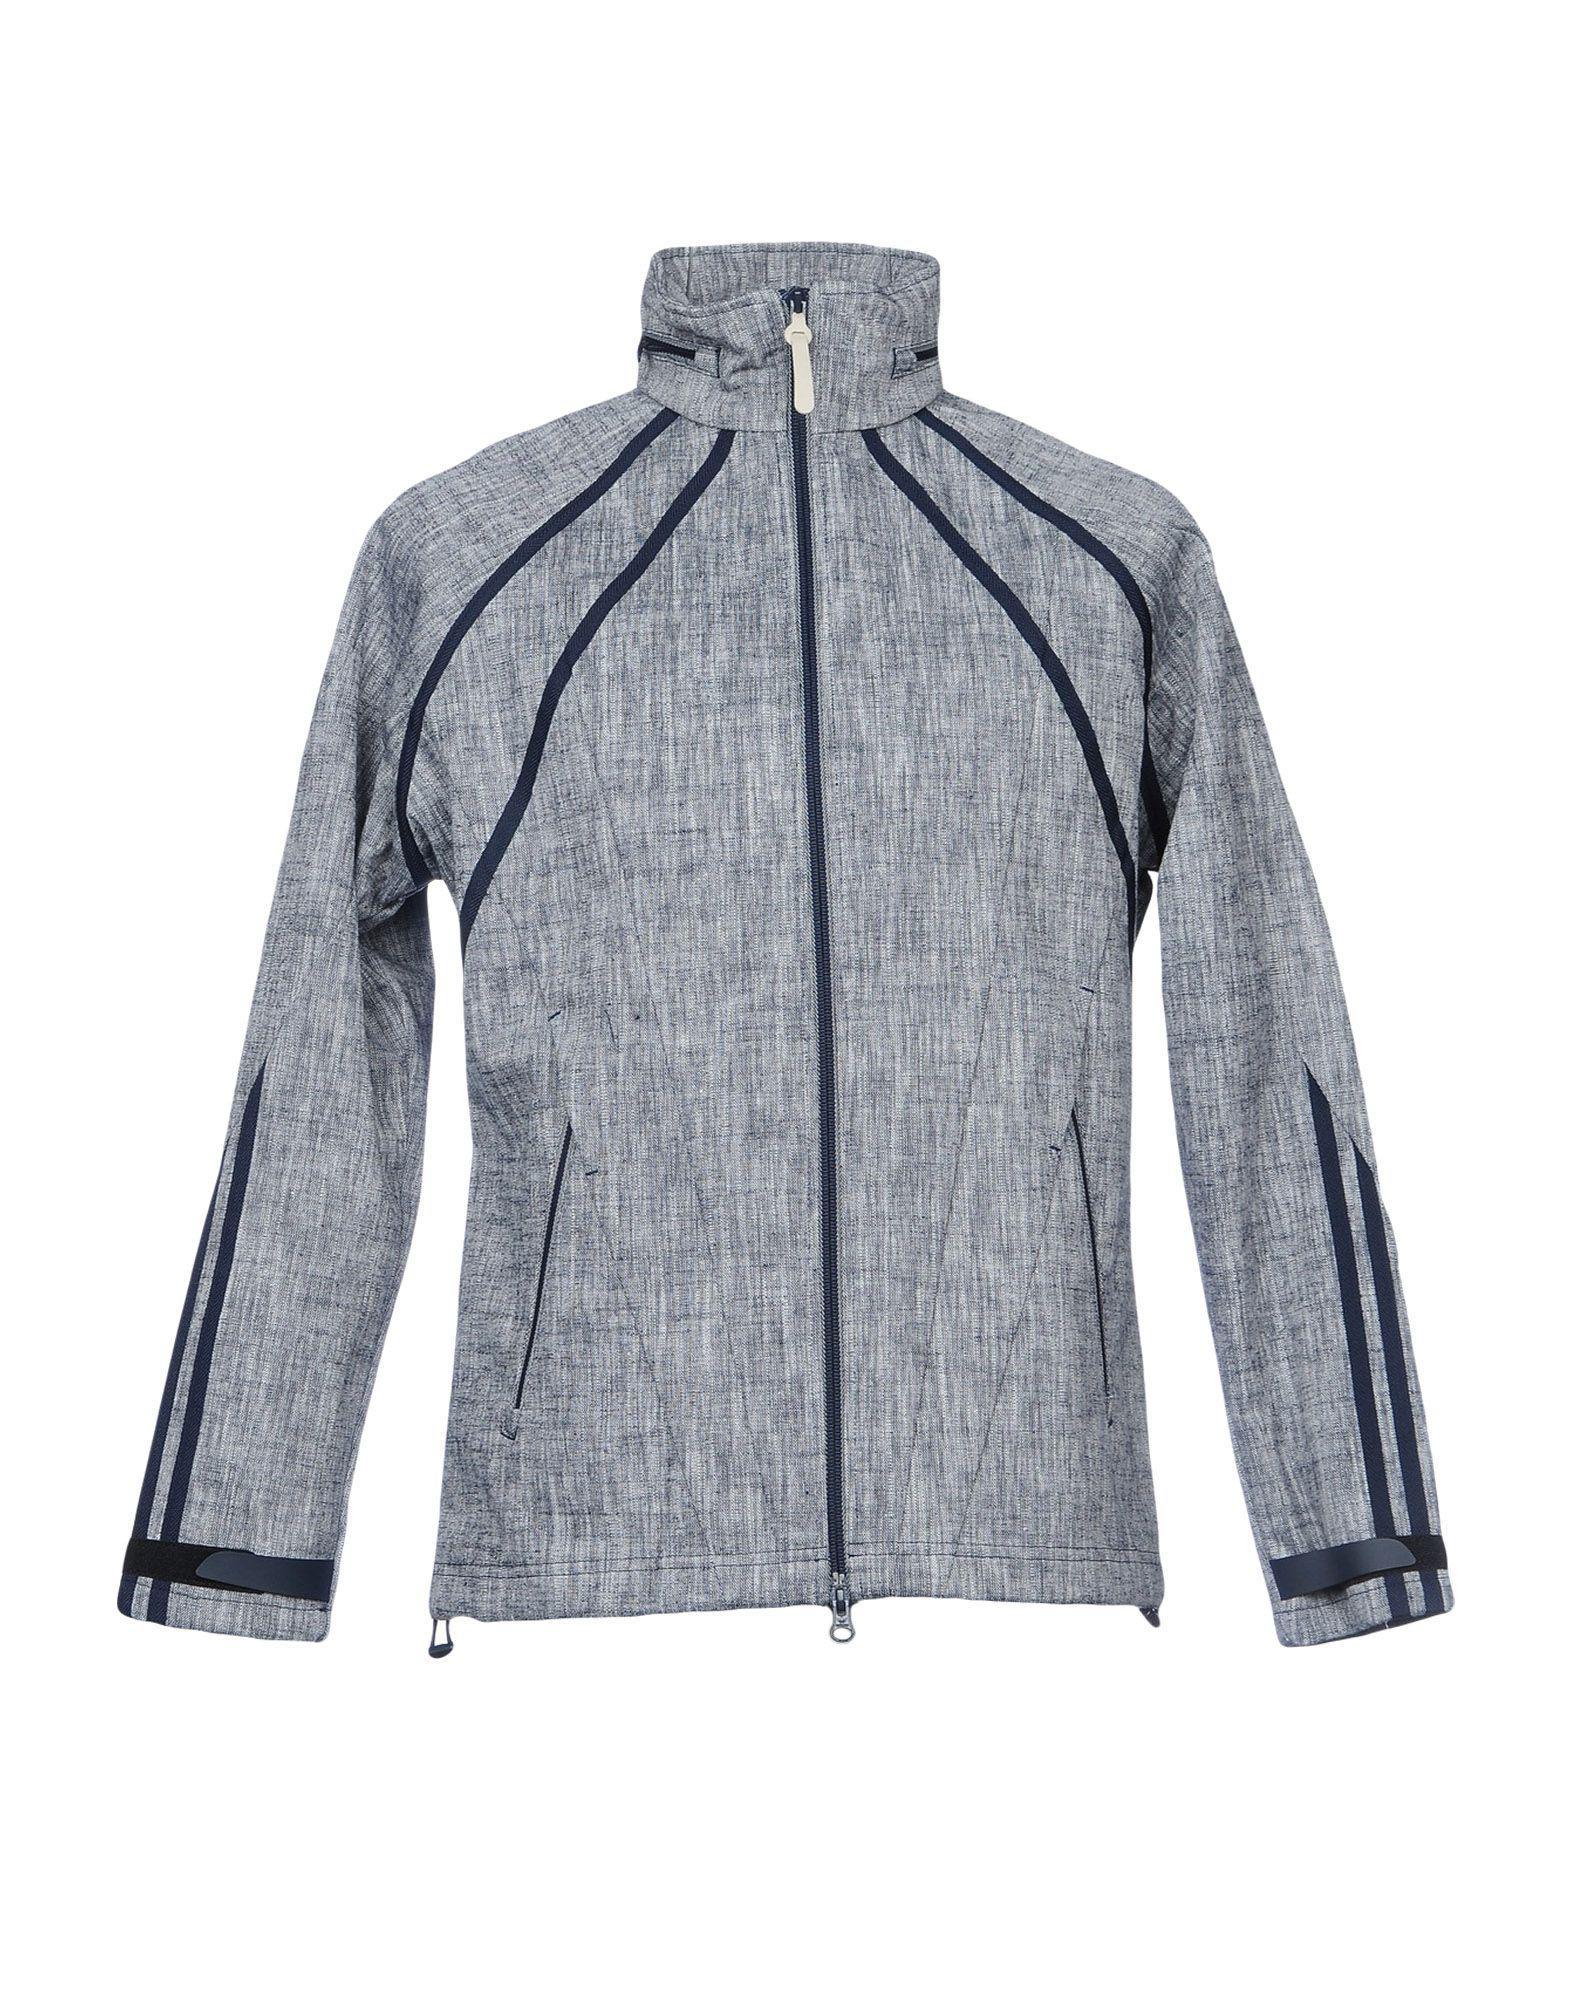 Adidas Originals NMD chambreaker Zip Up Track Jacket en azul para los hombres